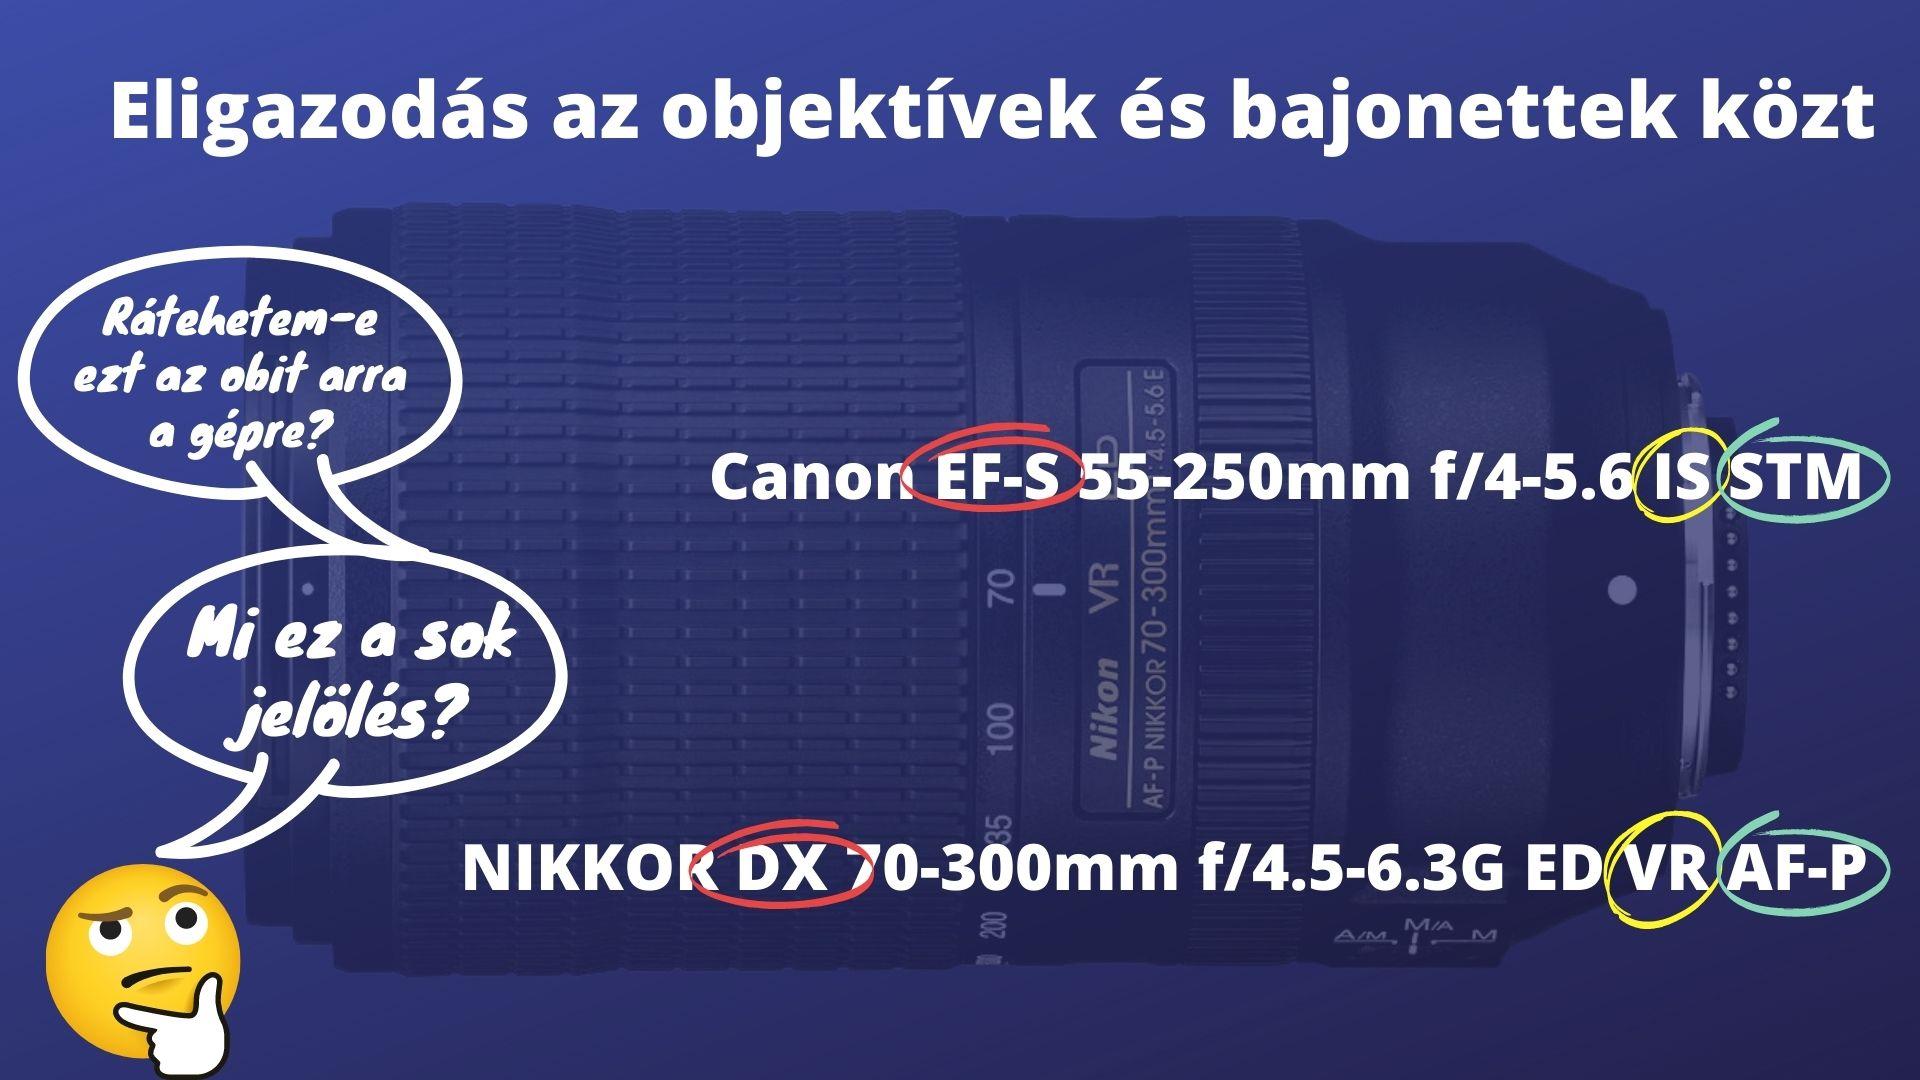 Eligazodás a Nikon Canon objektívek bajonettek jelölései közt